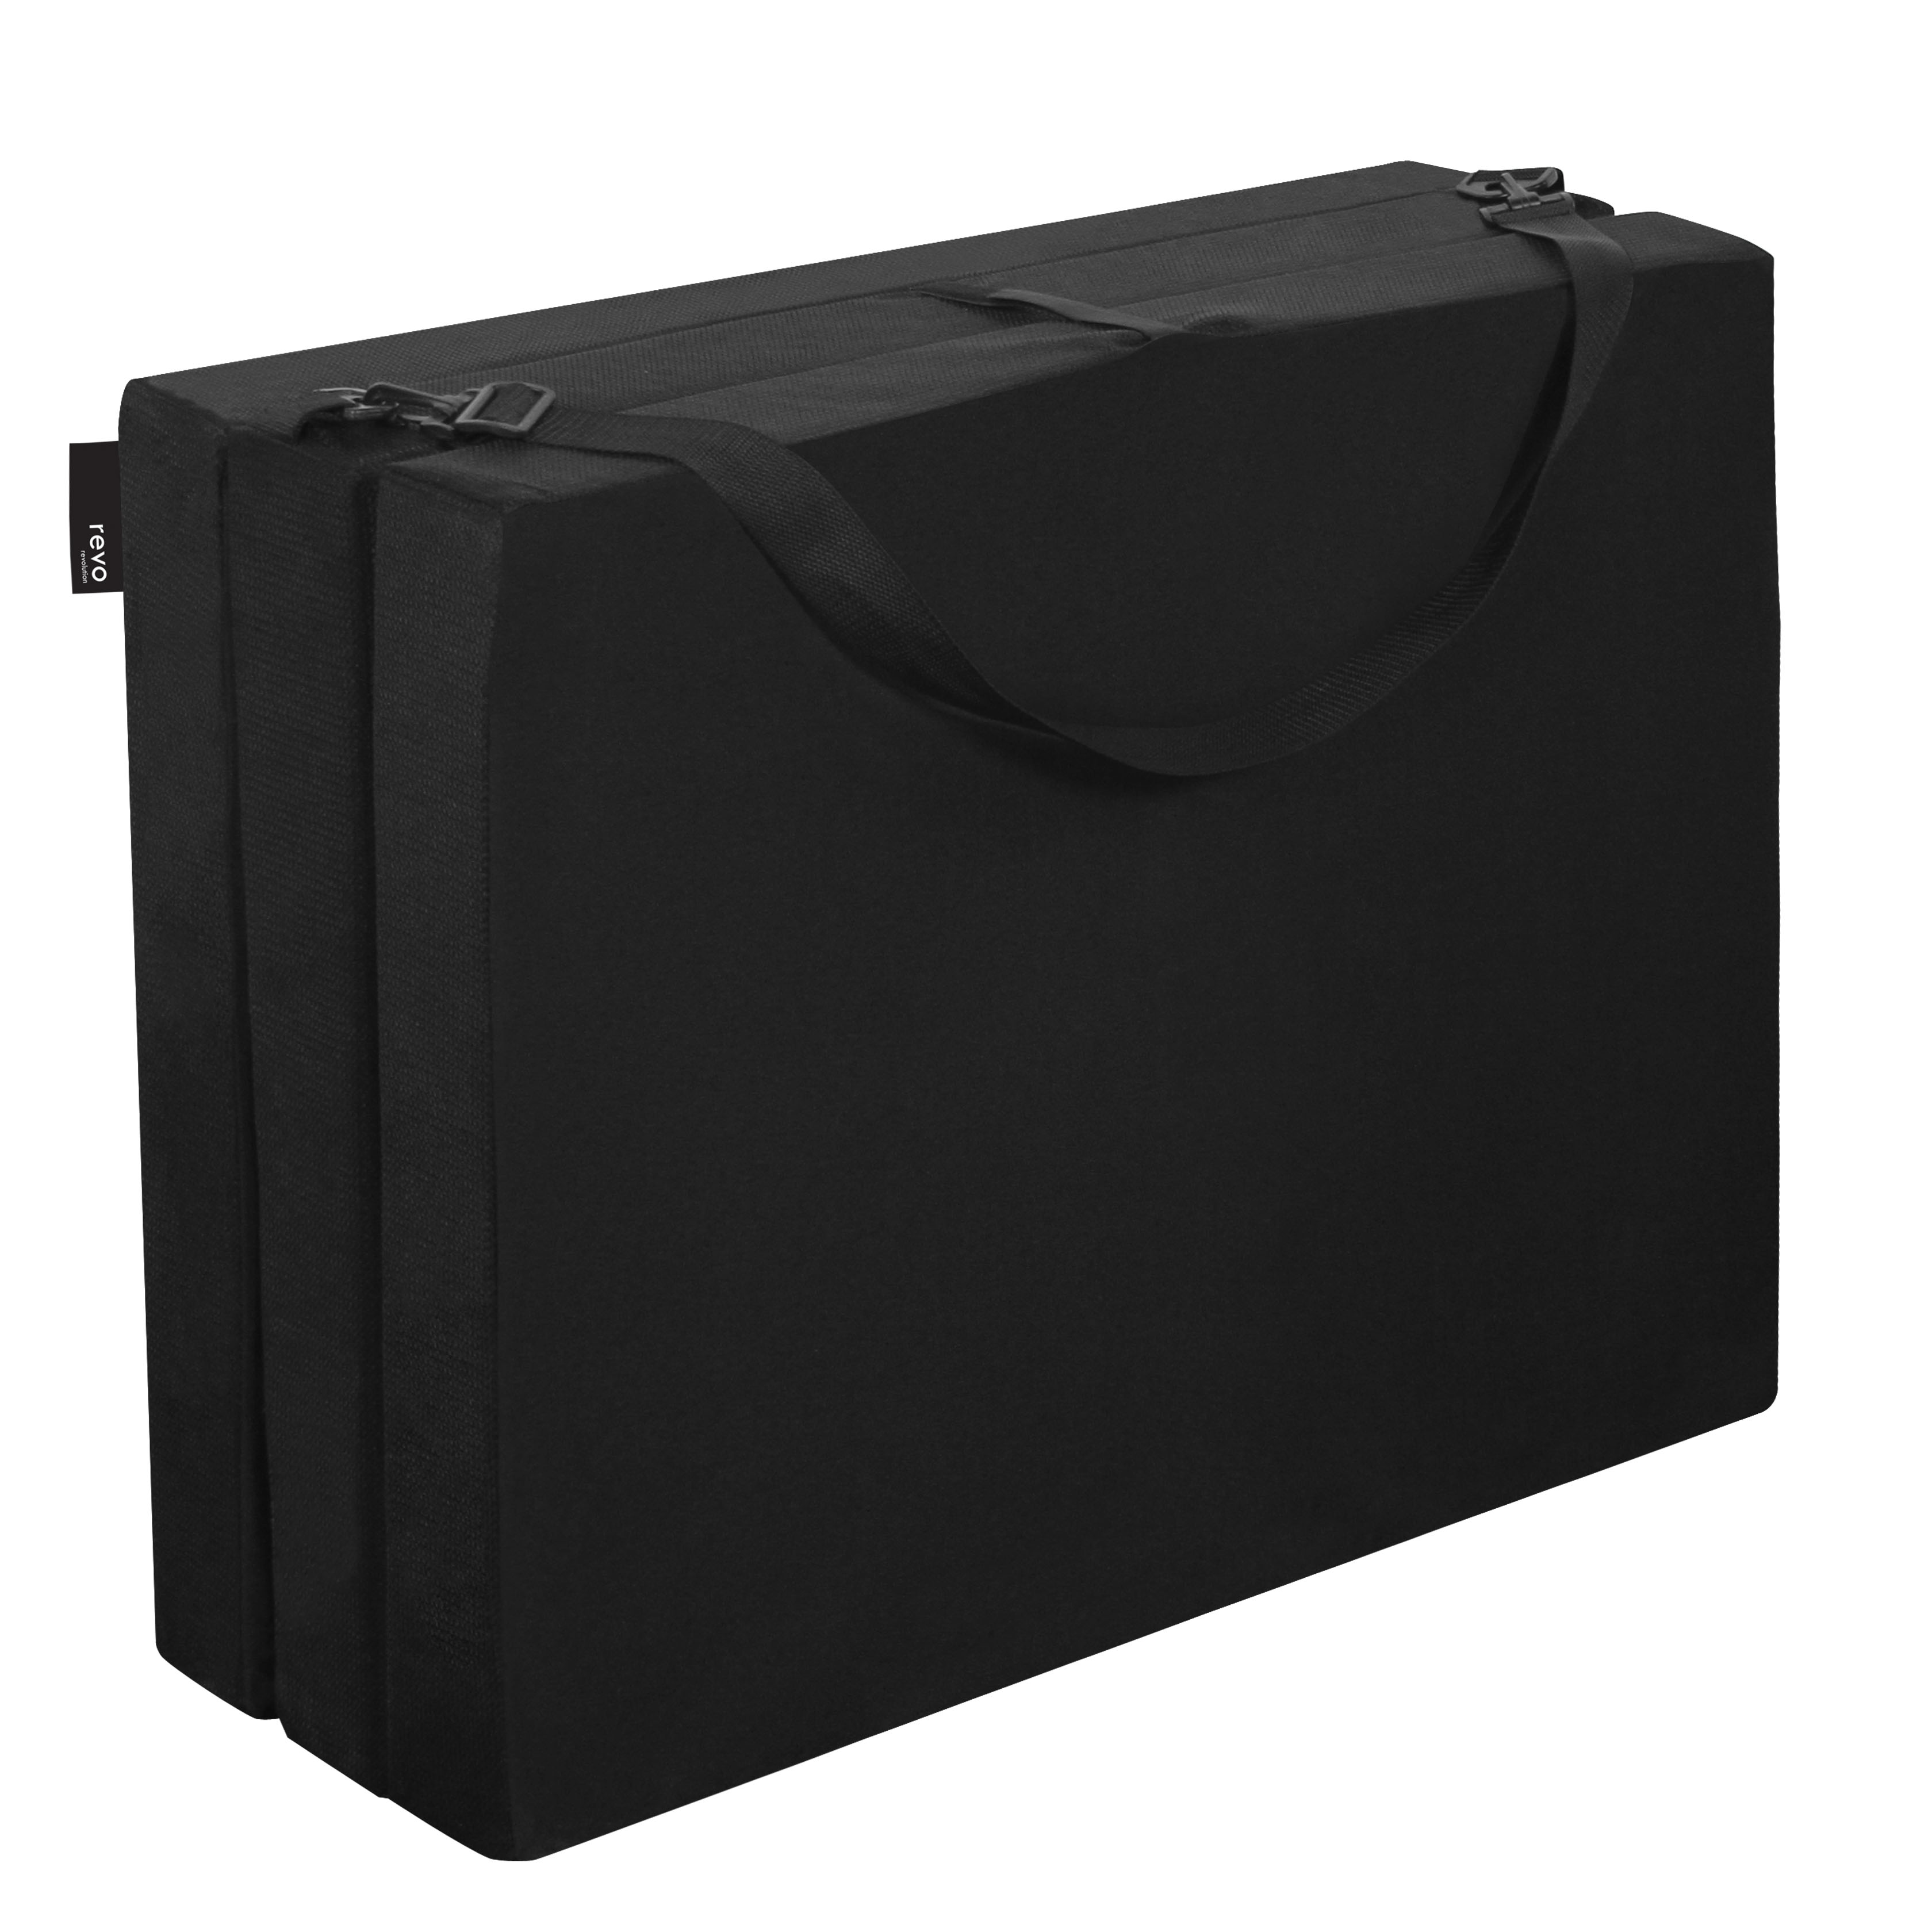 310b395f44 Tri-Fold Foamat 30